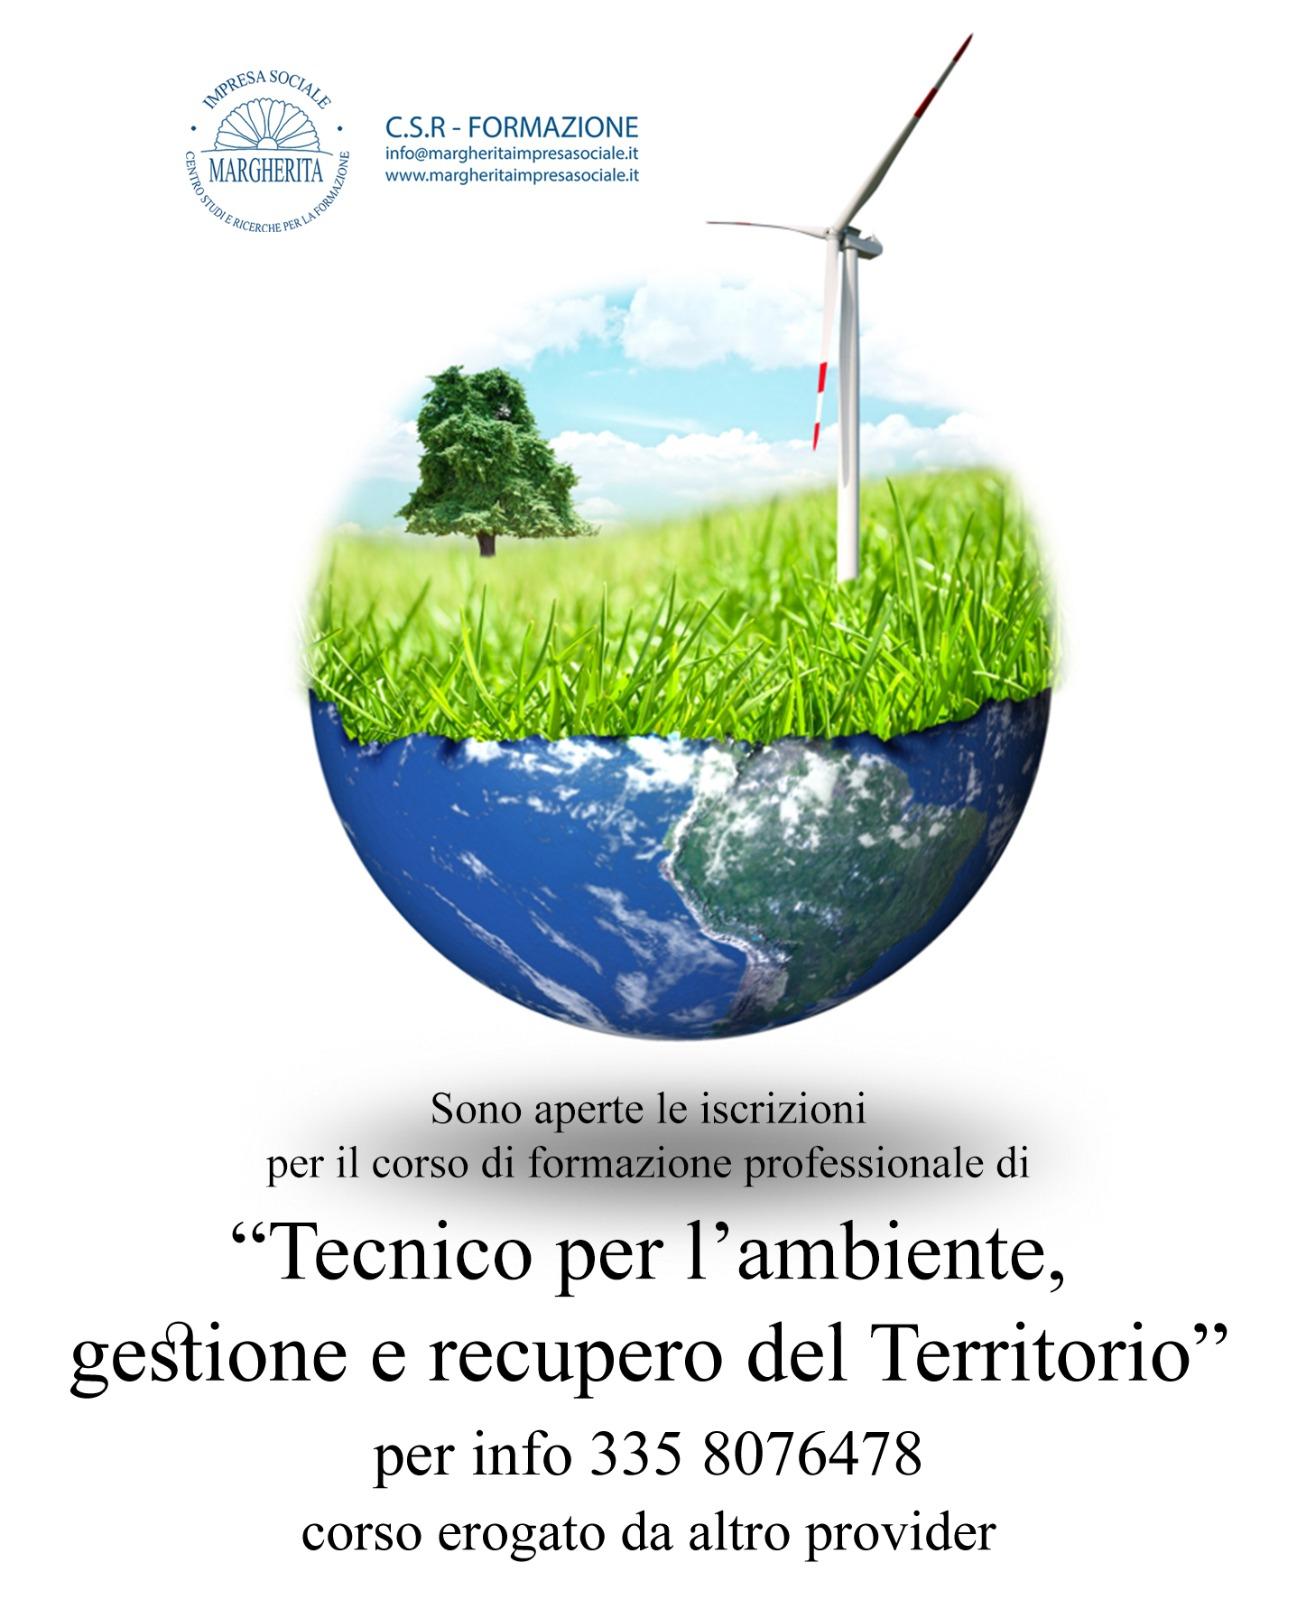 Tecnico Per L Ambiente Gestione E Recupero Del Territorio Margherita Società Cooperativa Sociale